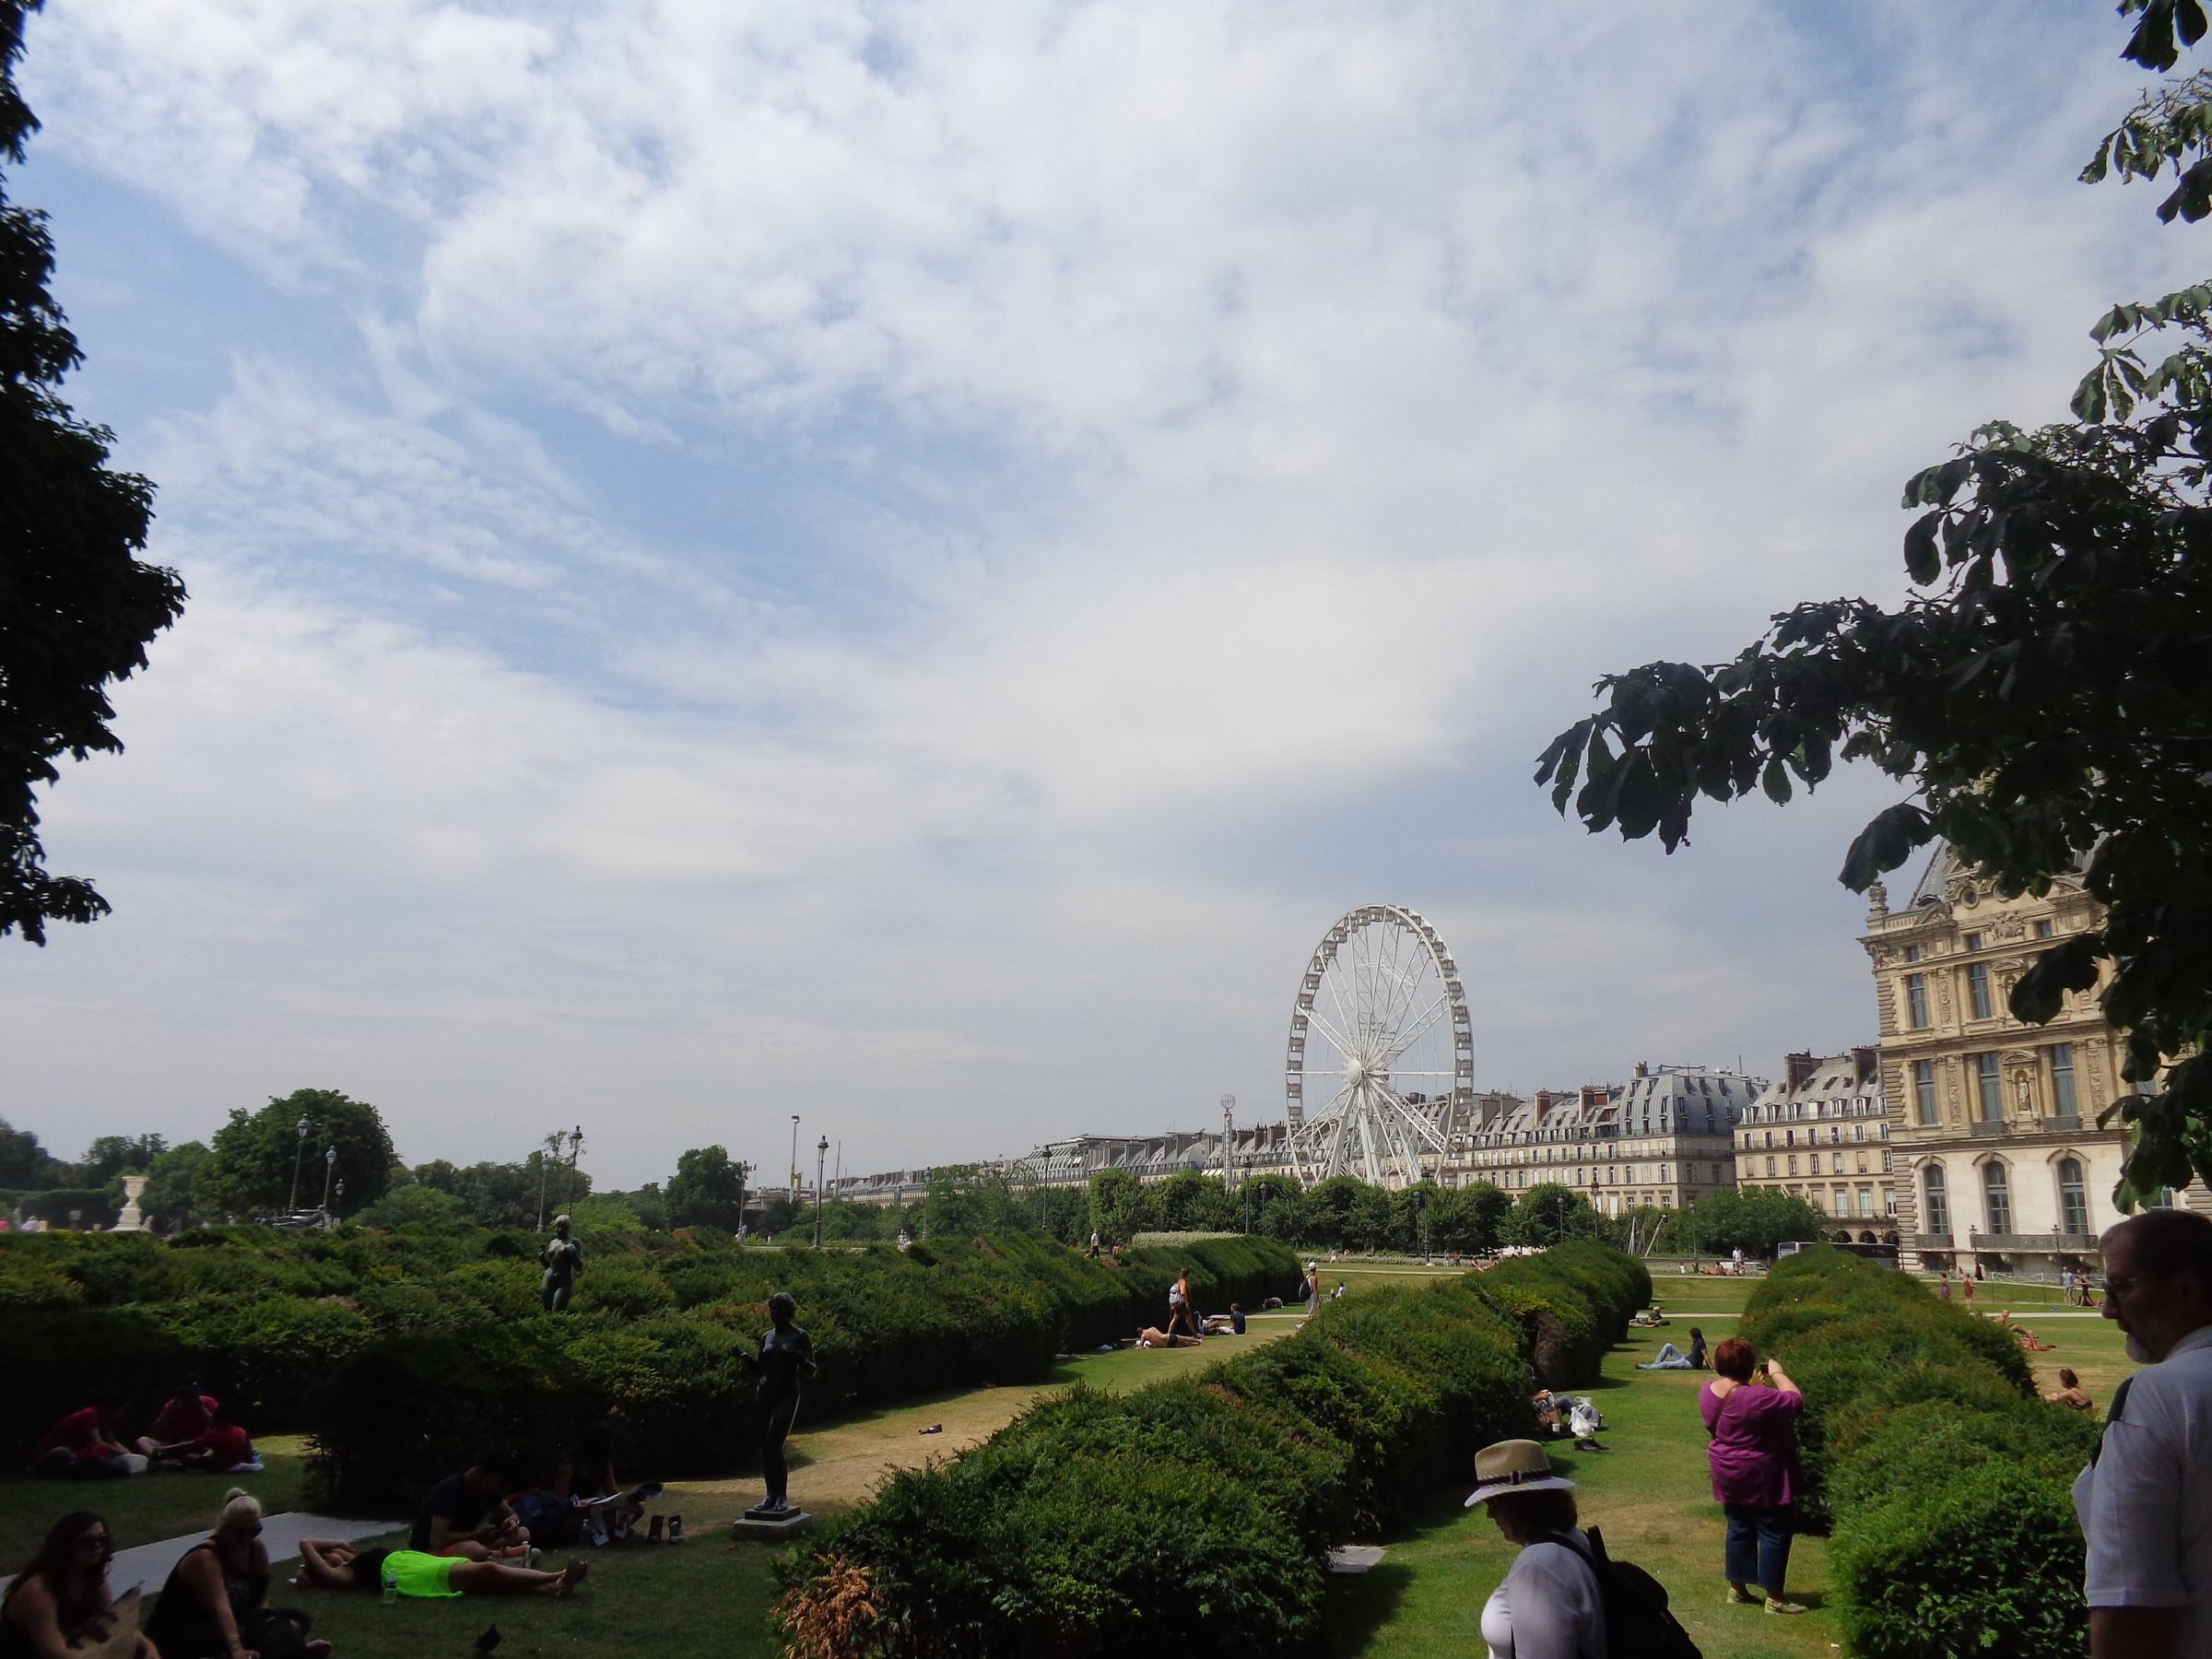 Парк Тюильри. когда -то на месте этого городского парка находился одноименный дворец, разрушенный в дни французской коммуны, начавшейся в 1871 году., Париж